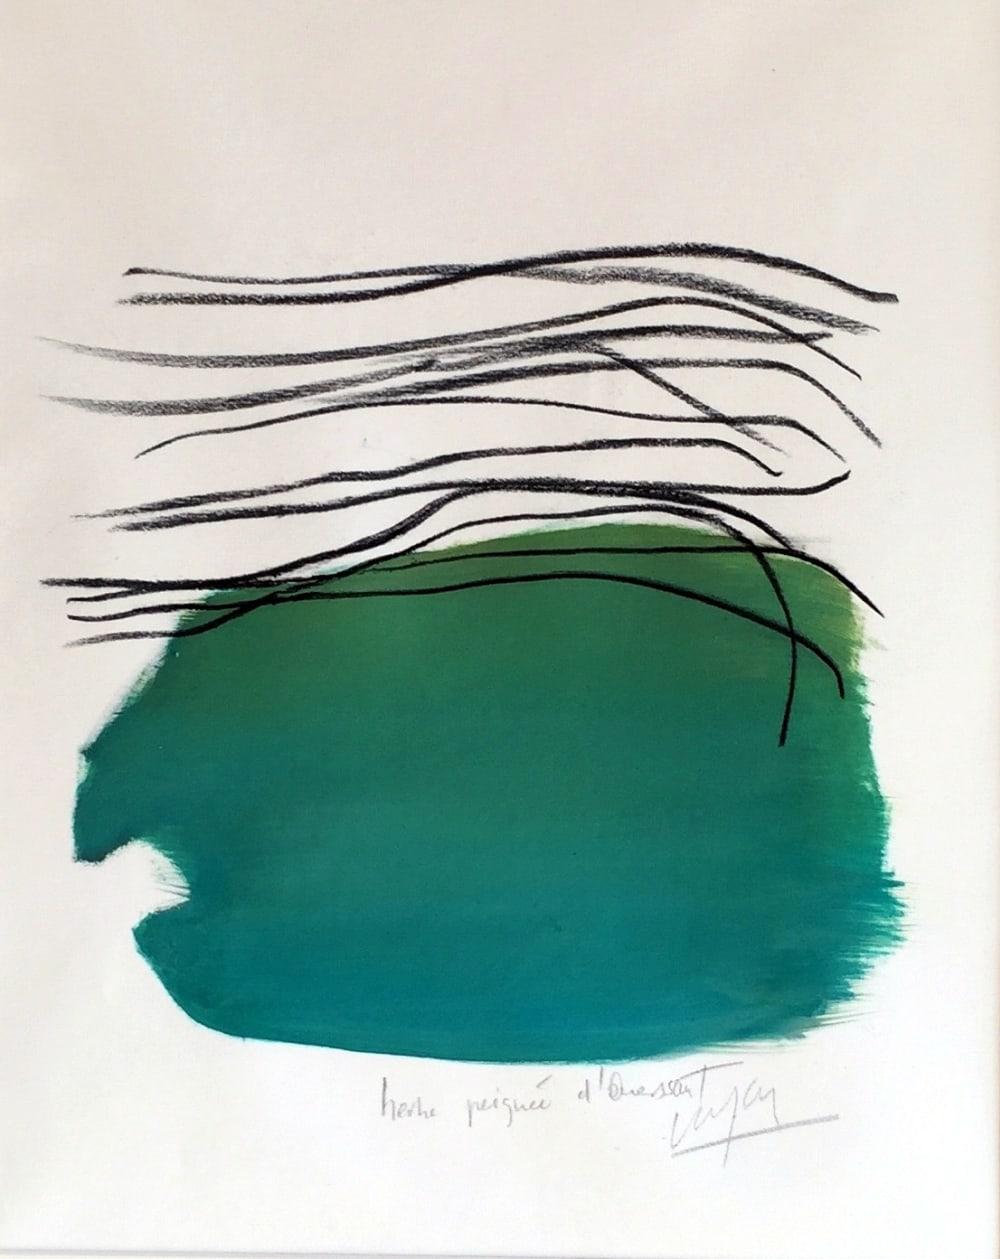 Herbe peignée à Ouessant - Nathalie Leverger